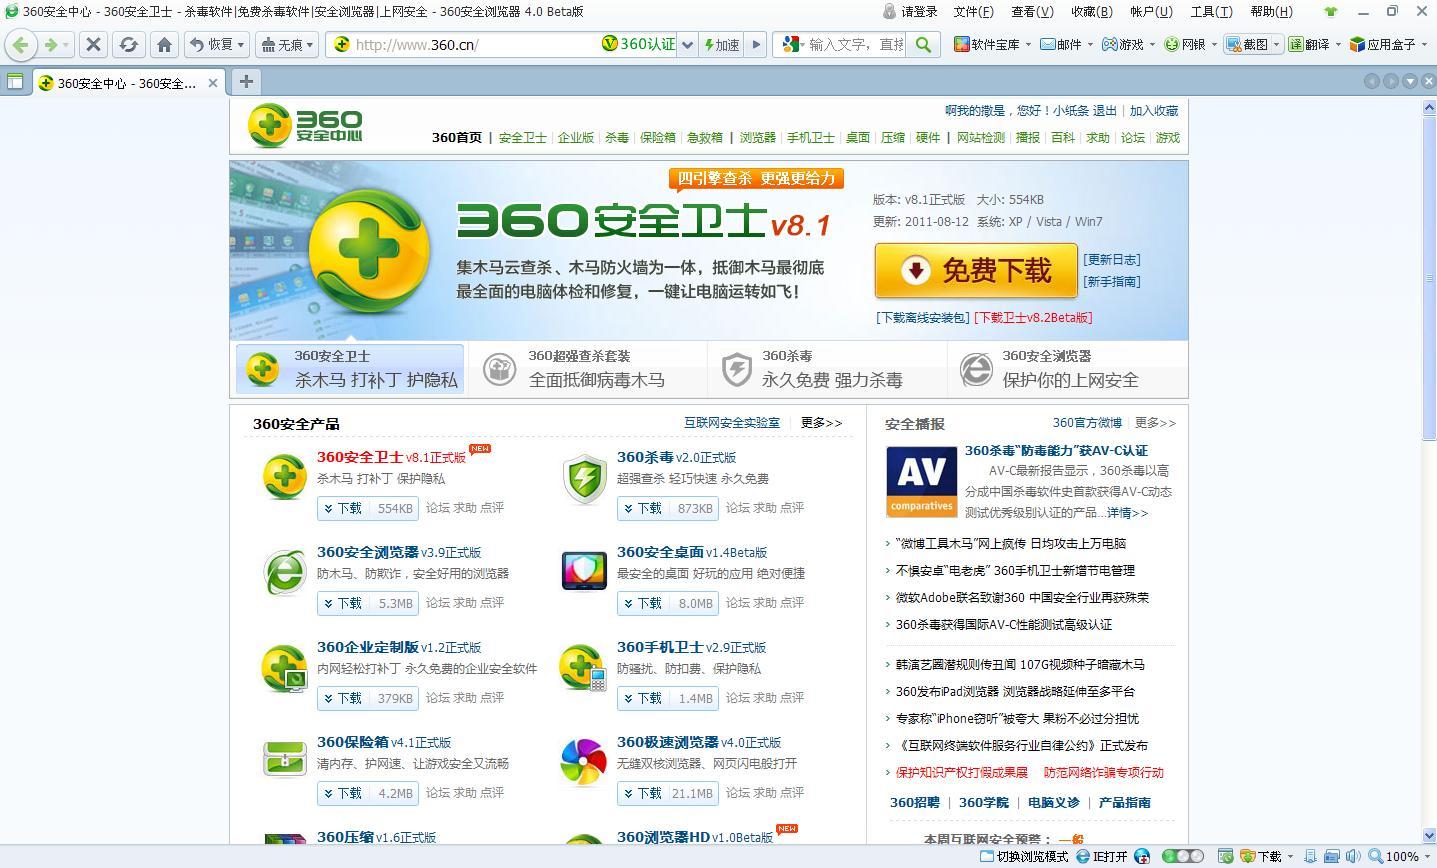 360浏览器的隔离模式是什么?